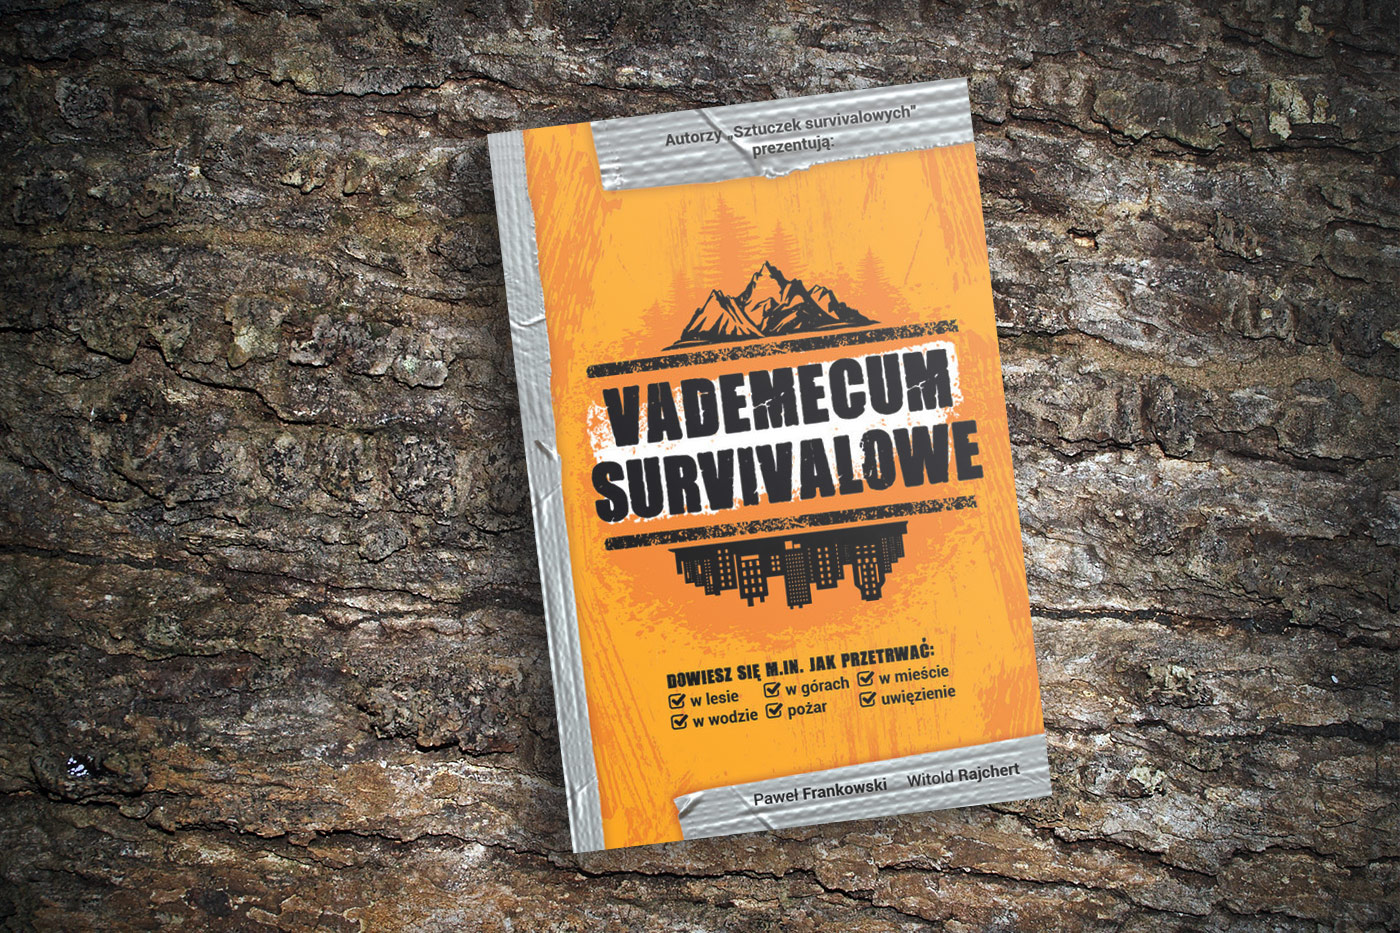 Paweł Frankowski i Witold Rajchert Vademecum survivalowe – wygraj książkę!